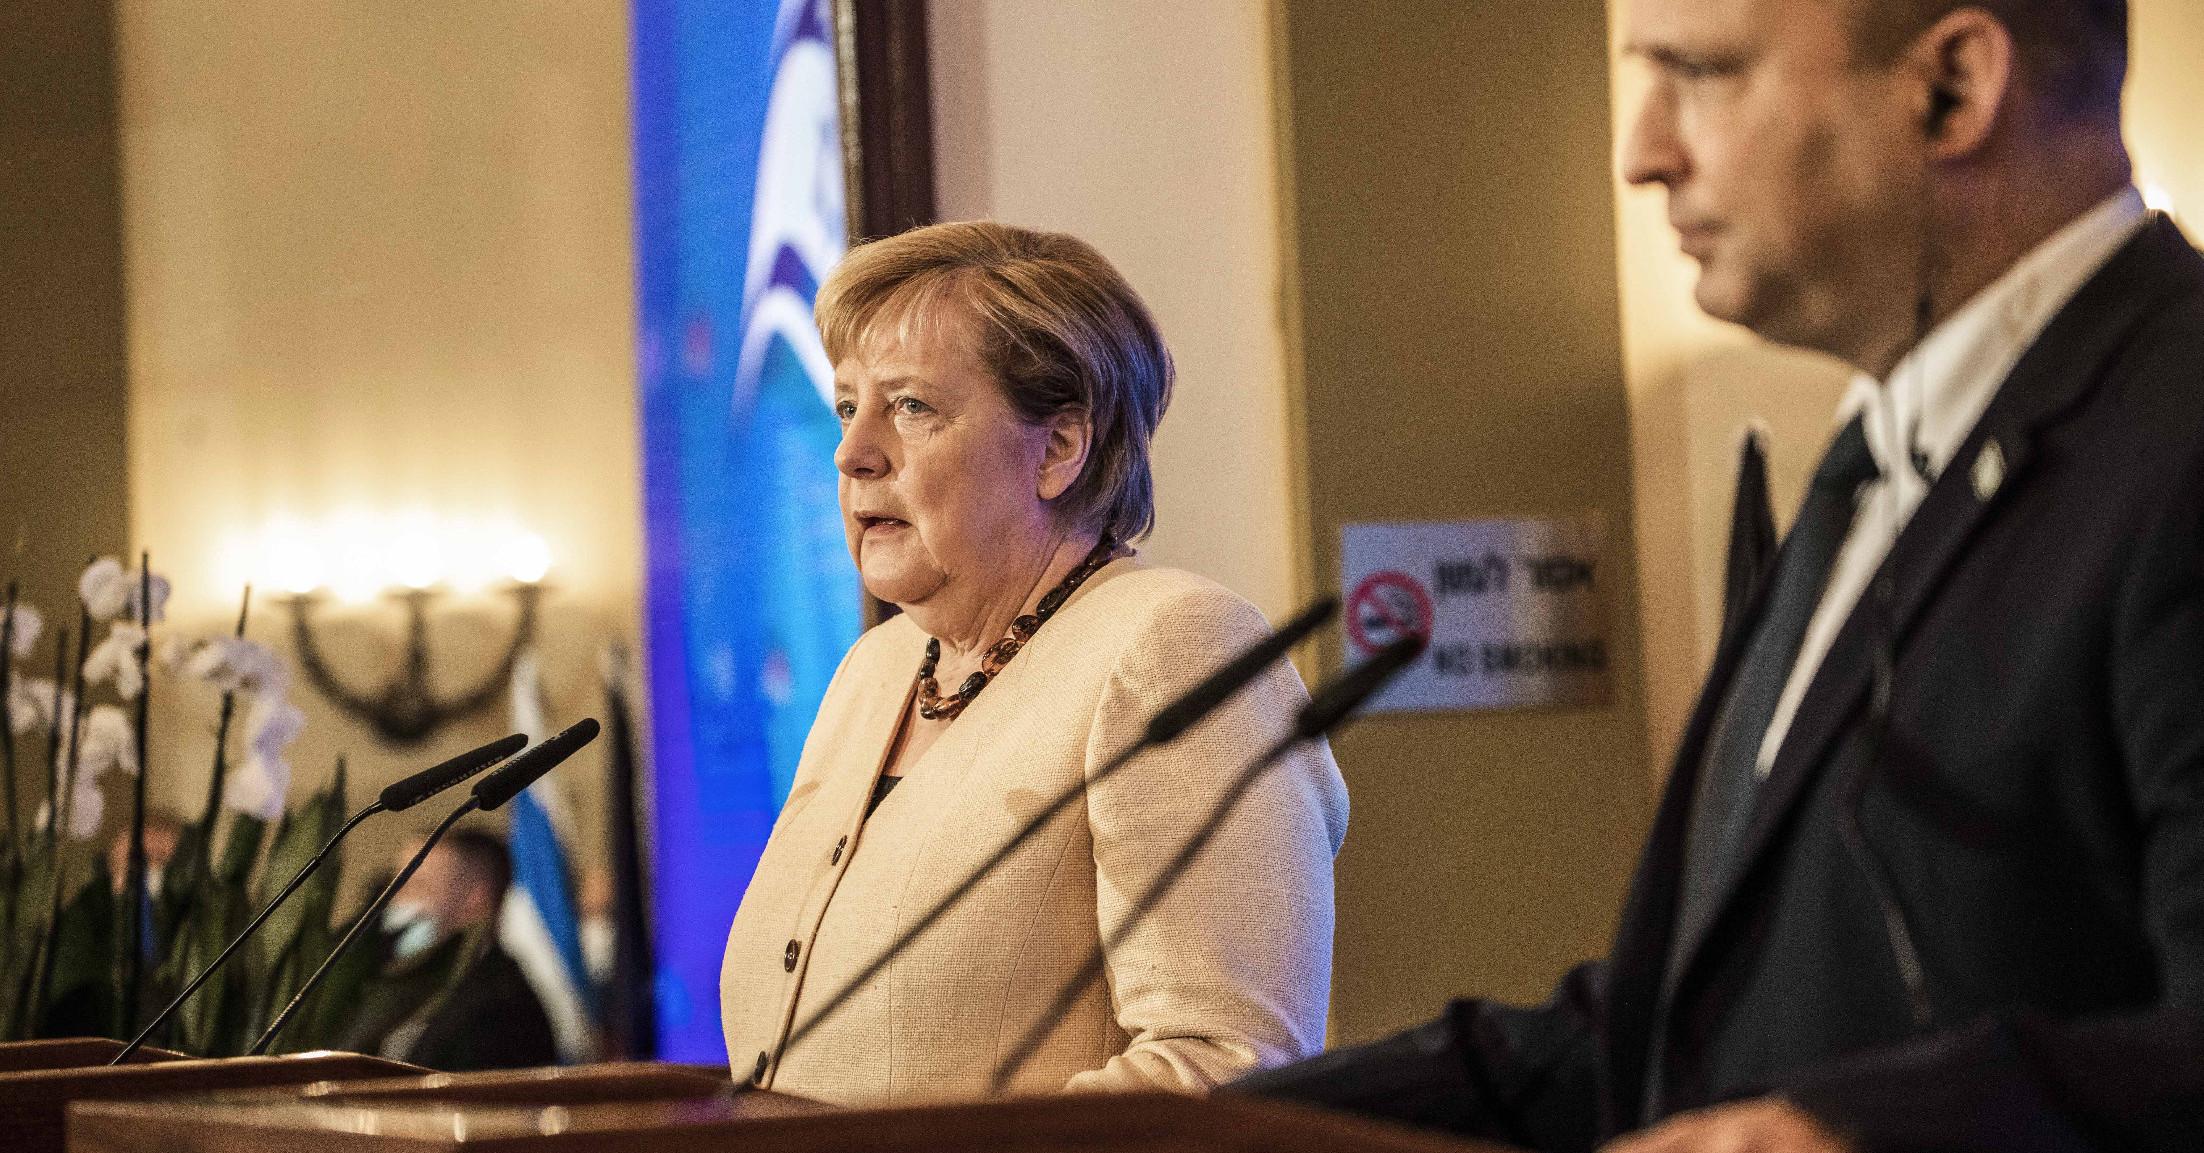 Angela Merkel izraeli búcsúlátogatásán is dolgozott